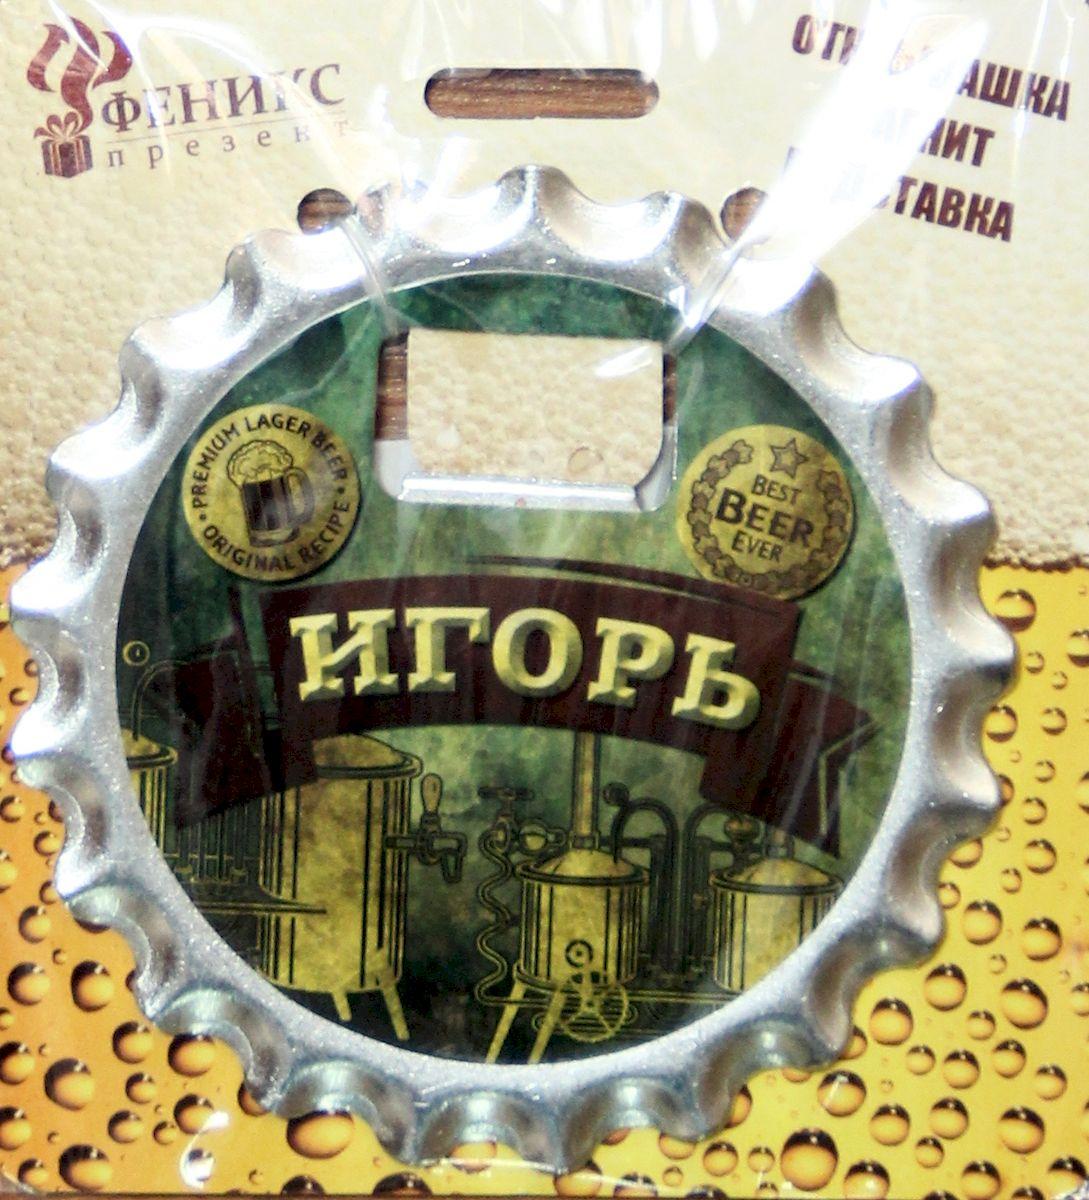 Ключ для открывания бутылок Magic Home Игорь, с магнитом41207Ключ для открывания бутылок - это полезный и нужный прибор в каждом доме. Он представляет собой подставку под пивной стакан с отверстием для удобного снятия металлических пробок с бутылок. Лицевая сторона украшена оригинальным изображением, а на оборотной стороне закреплены магнит и три пробковые вставки для защиты поверхности стола от повреждений. Изделие выполнено из оцинкованного металла.